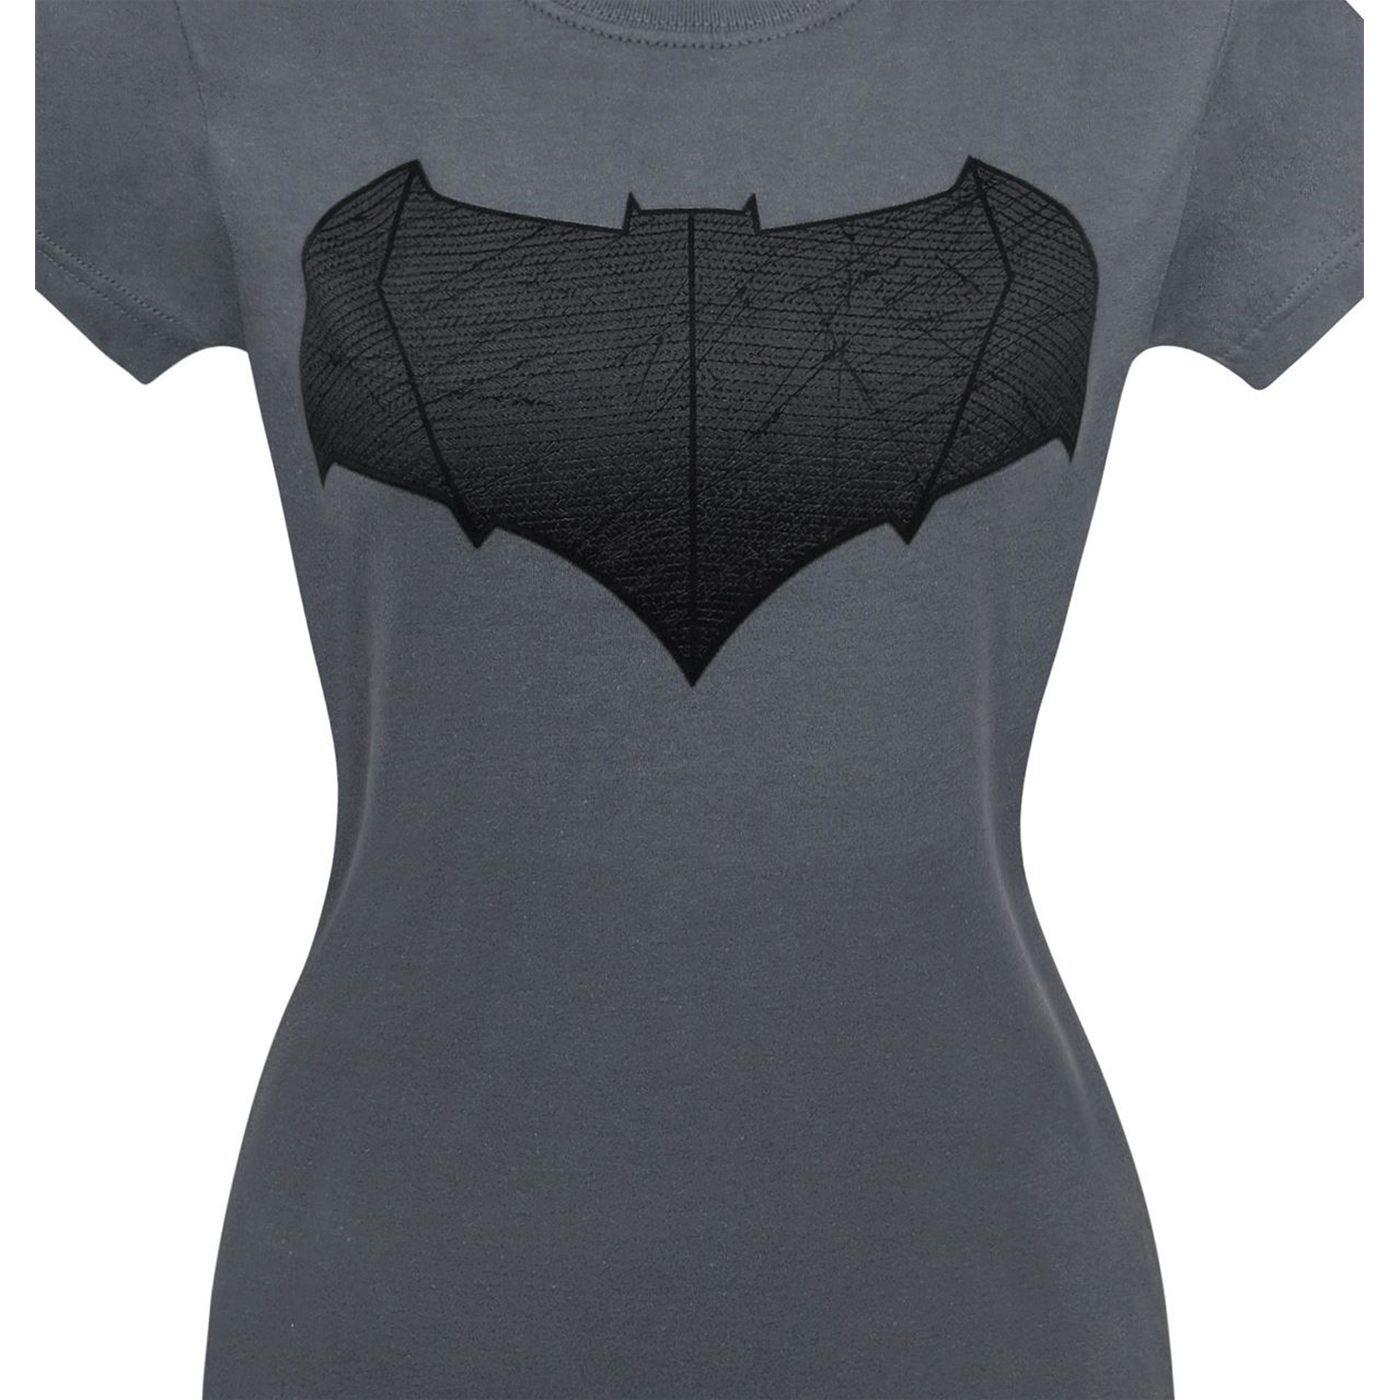 Batman Vs Superman Batman Symbol Women's T-Shirt